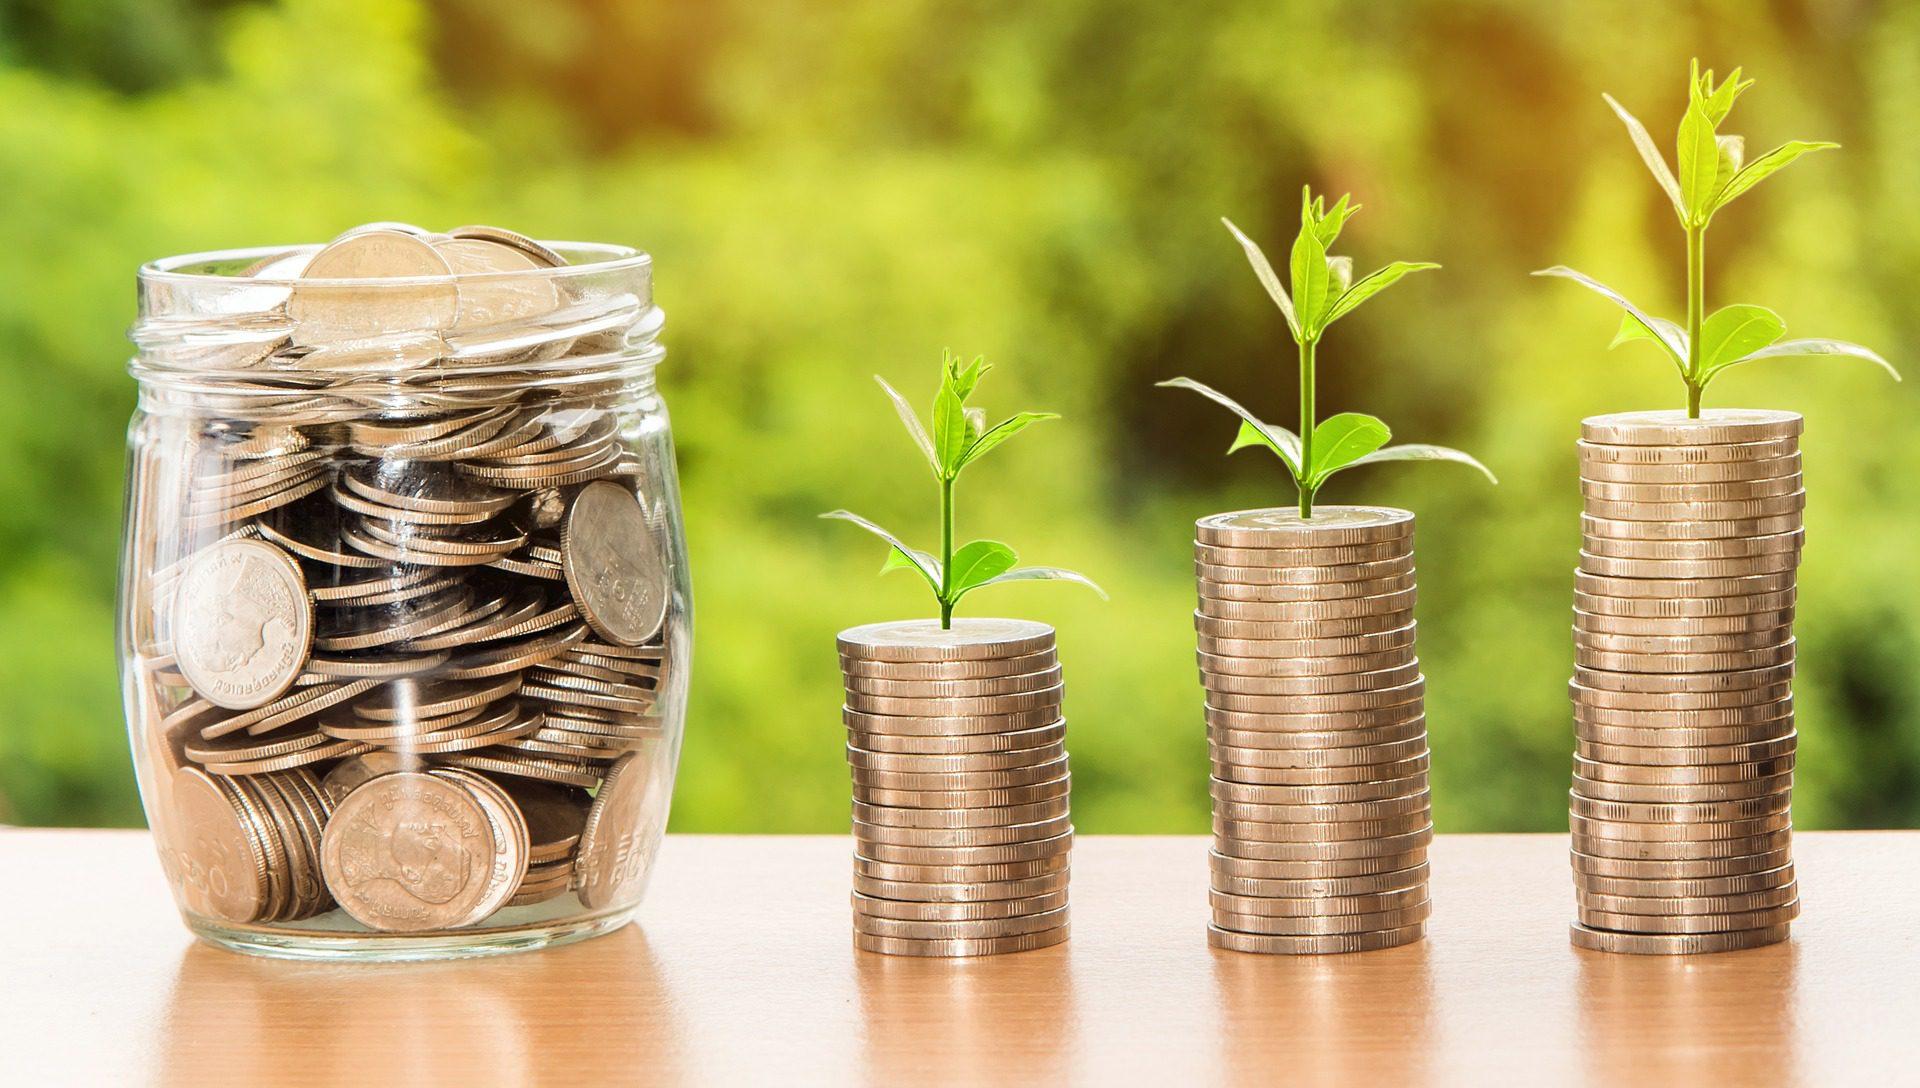 สถาบันวิจัยเศรษฐกิจฯ เผยบัญชีเงินฝาก 4.7 ล้านคน มีเงินในบัญชีไม่ถึง 50 บาท